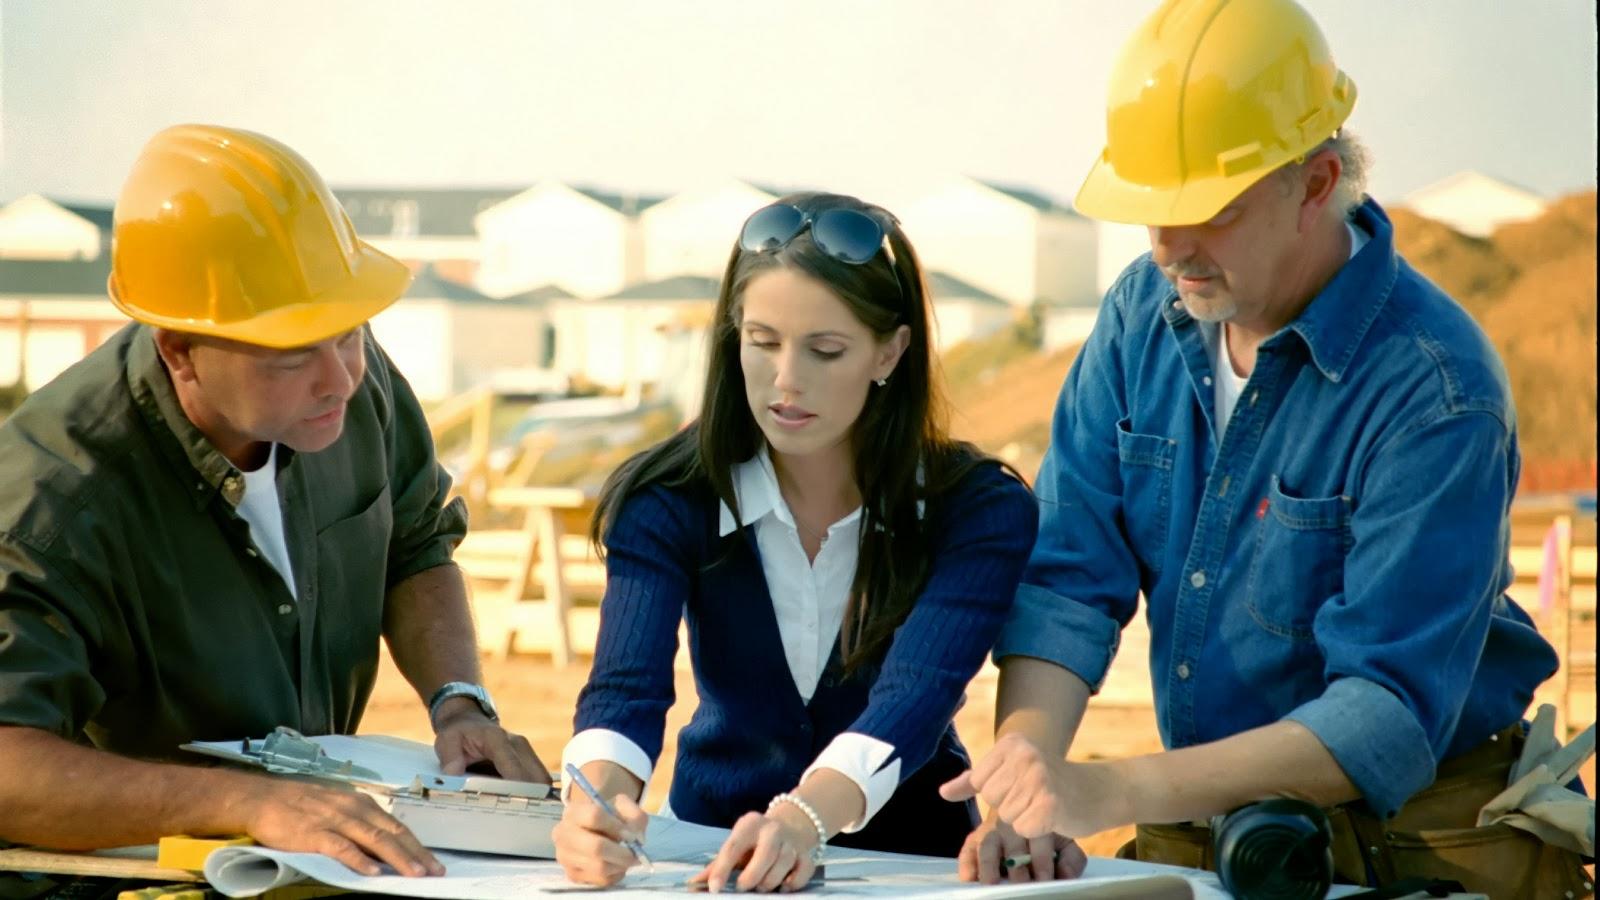 3 Tujuan Penerapan K3 (Keselamatan dan Kesehatan Kerja) Di Tempat Kerja